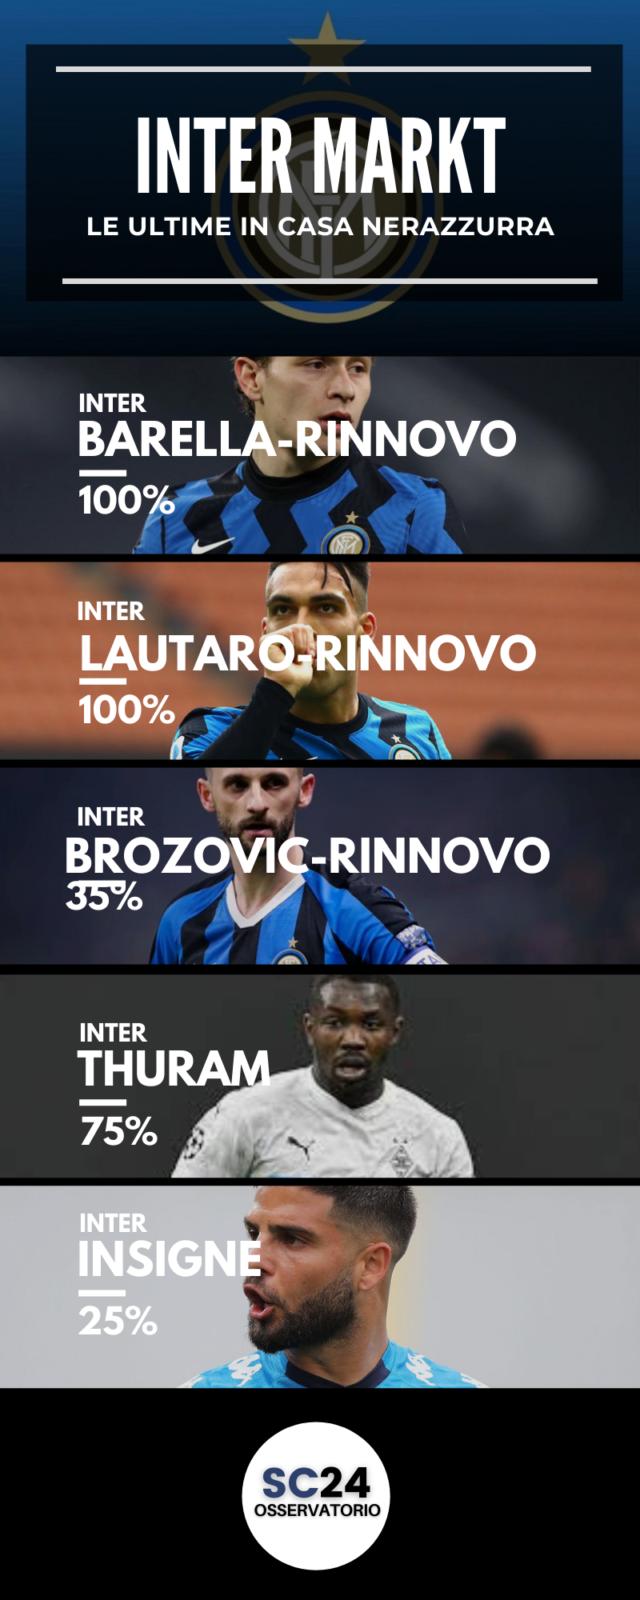 Lautaro è vicino al rinnovo con l'Inter